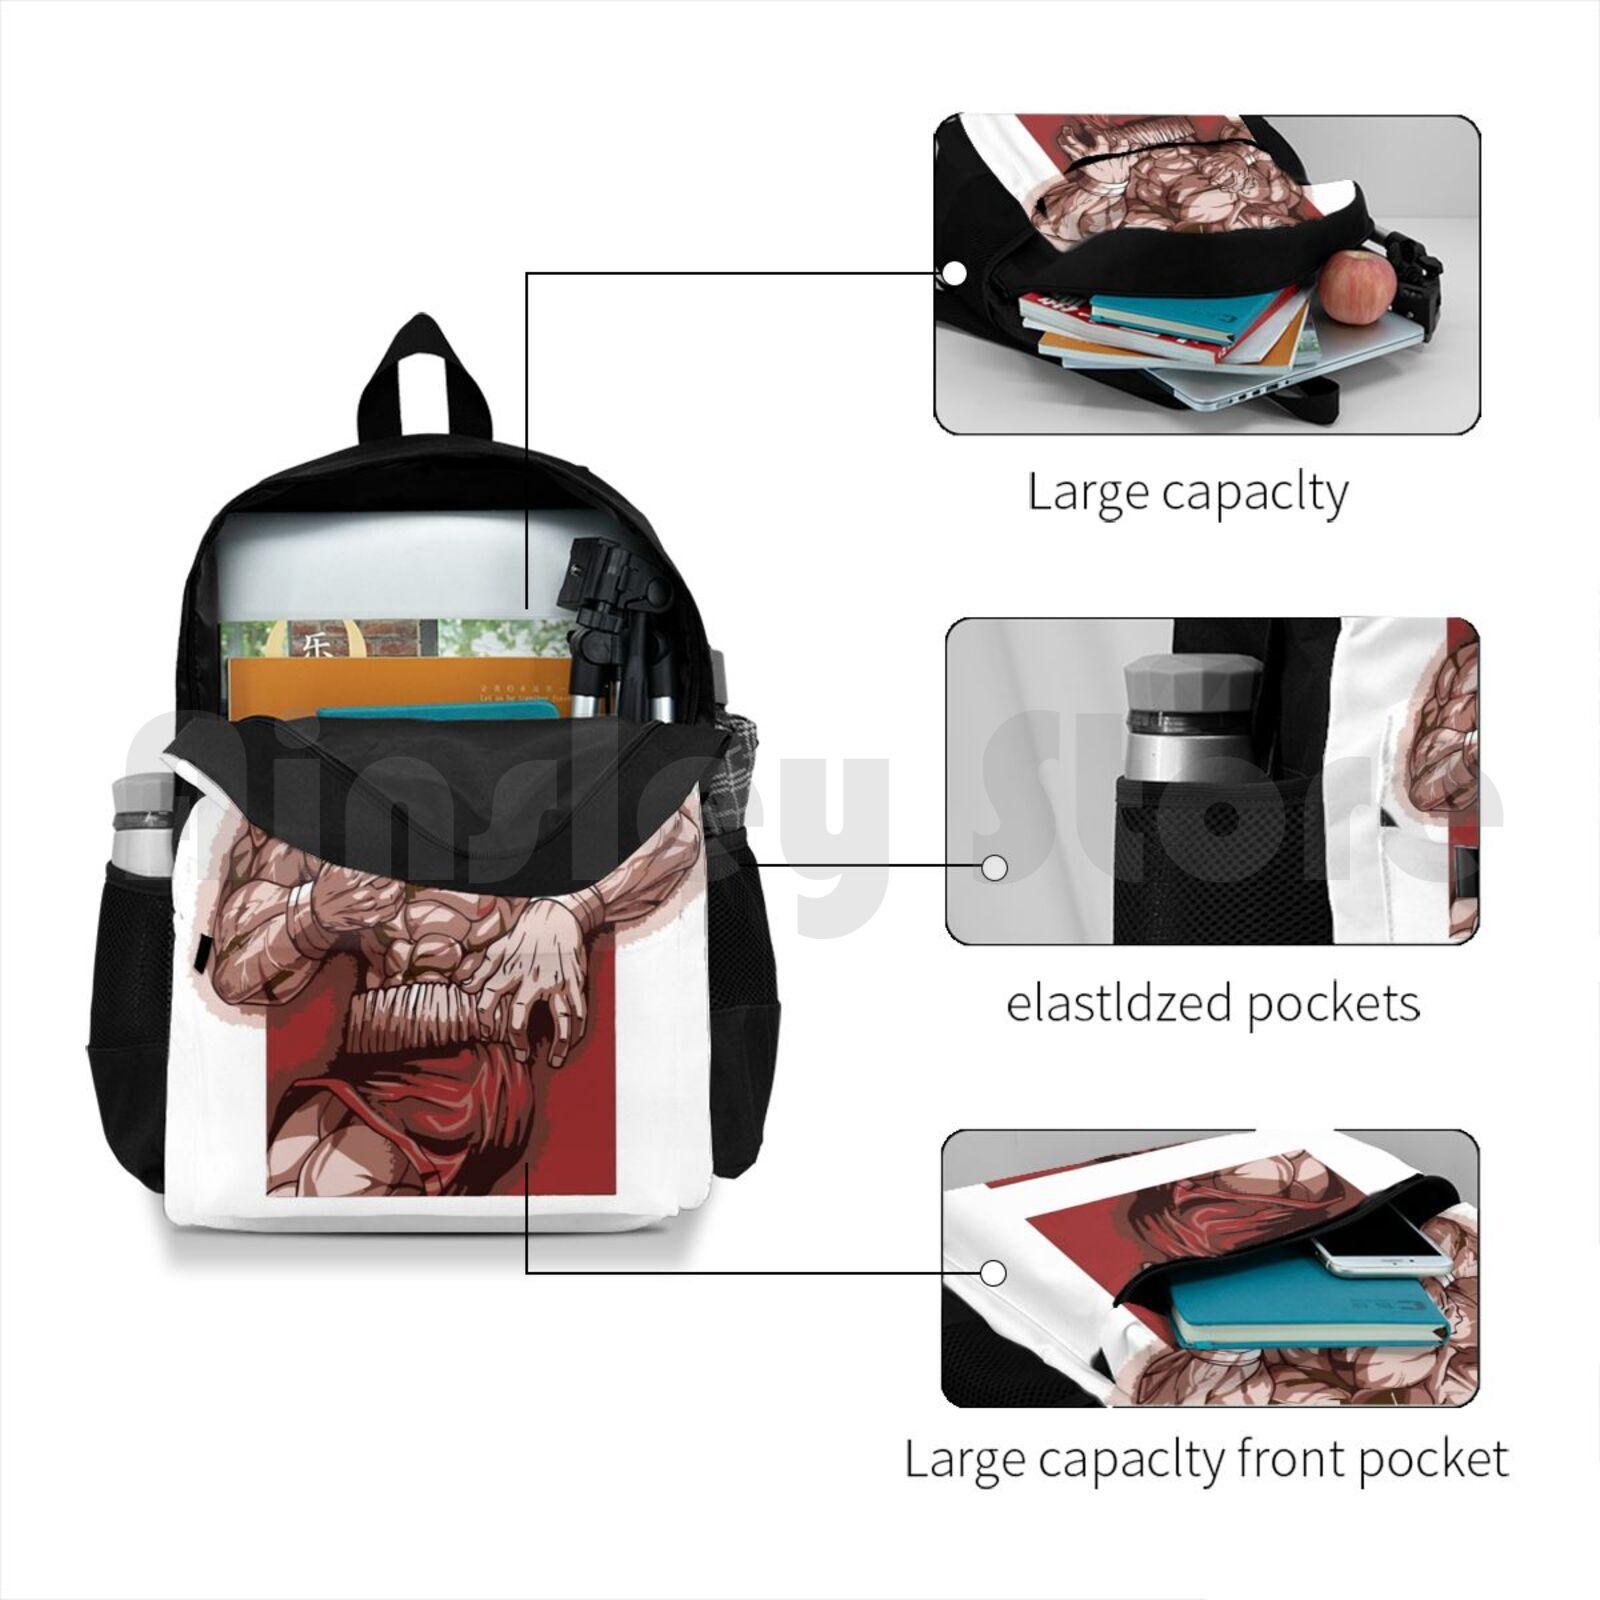 H004e2f2e4238459b950c5a81a66a10dca - Anime Backpacks